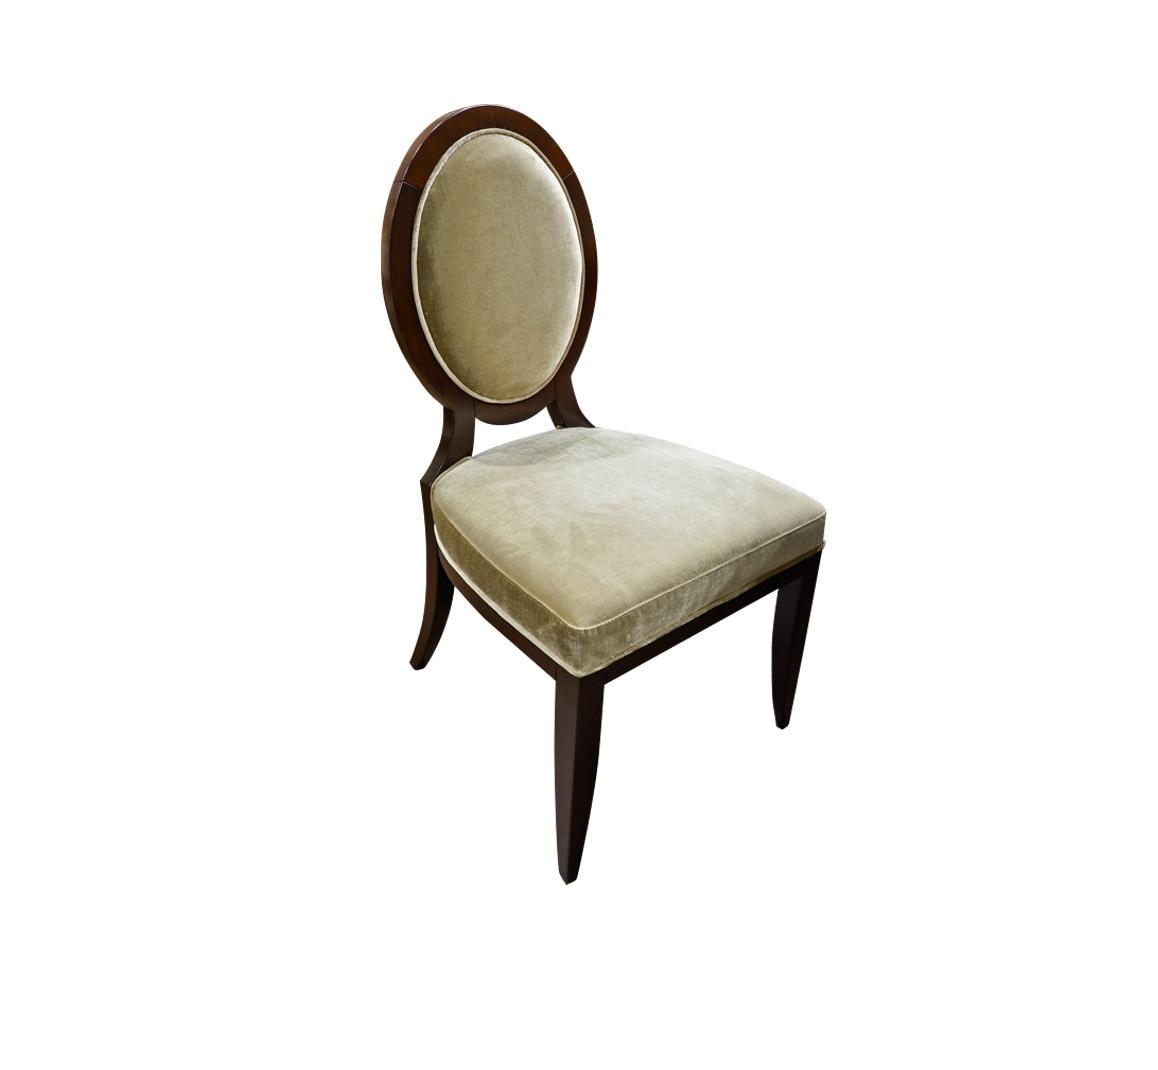 Стул MODENAОбеденные стулья<br>Стул с медальонной спинкой выполнен в стиле неоклассика.<br>Высота сиденья 48.5 см.<br><br>Material: Дерево<br>Width см: 51,5<br>Depth см: 64,5<br>Height см: 91